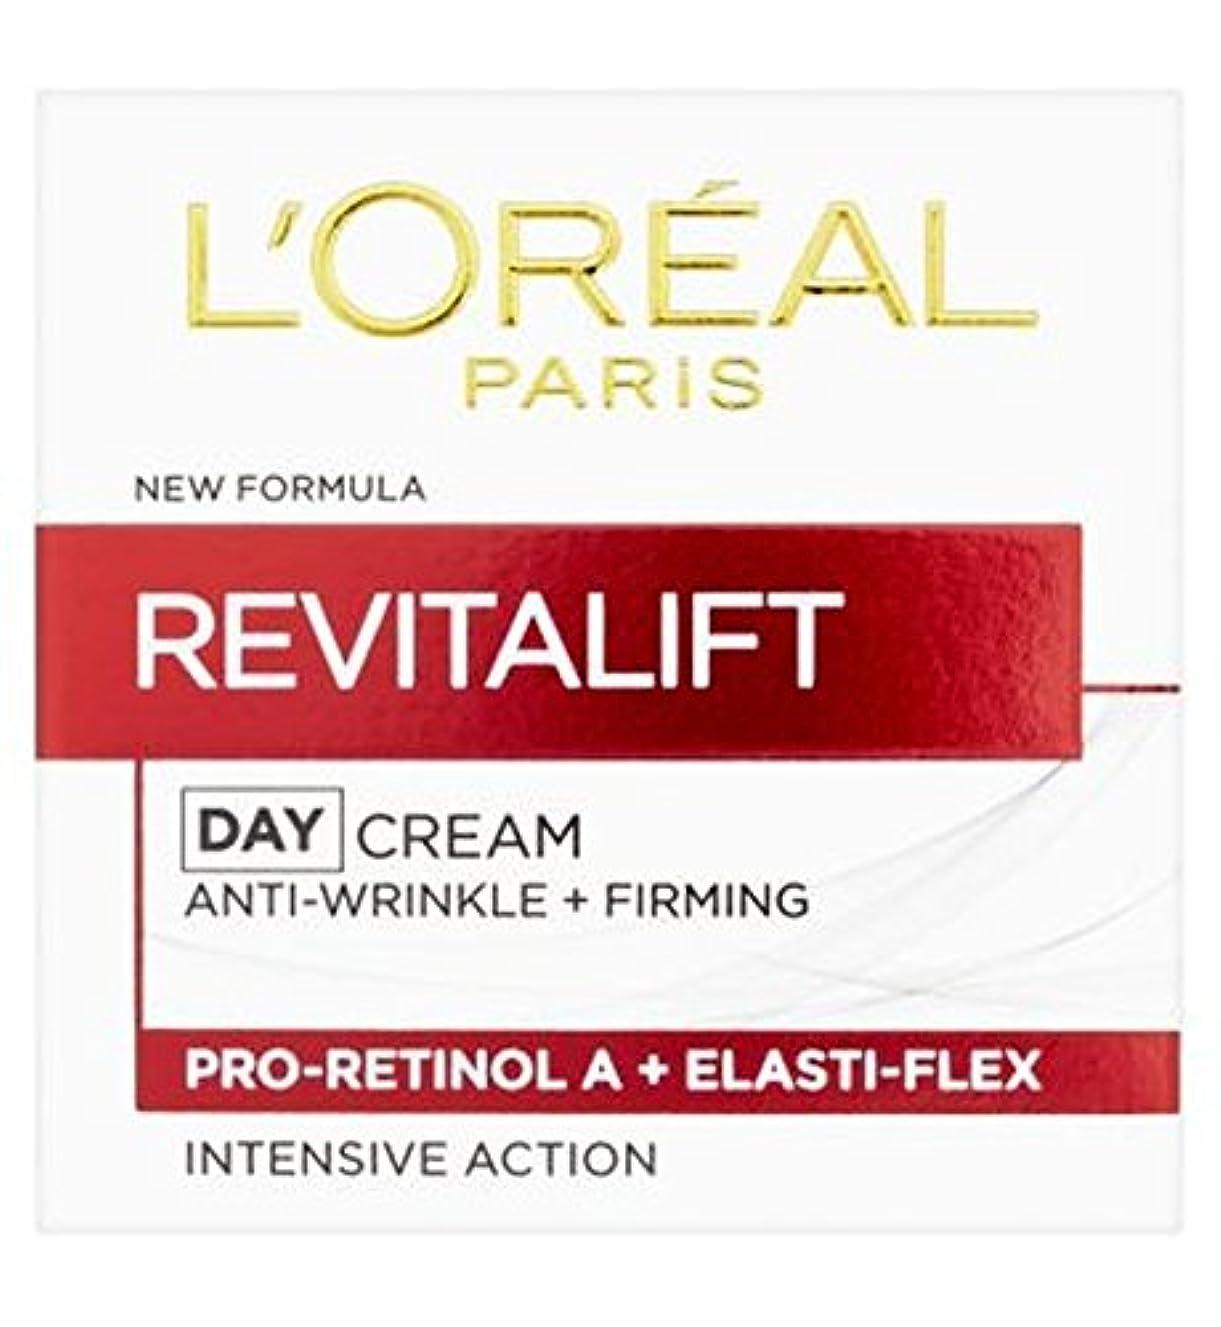 変化する太鼓腹異邦人L'Oreal Revitalift Anti Wrinkle and Firming Day Cream 50ml - ロレアルのRevitalift抗シワやファーミングデイクリーム50ミリリットル (L'Oreal)...